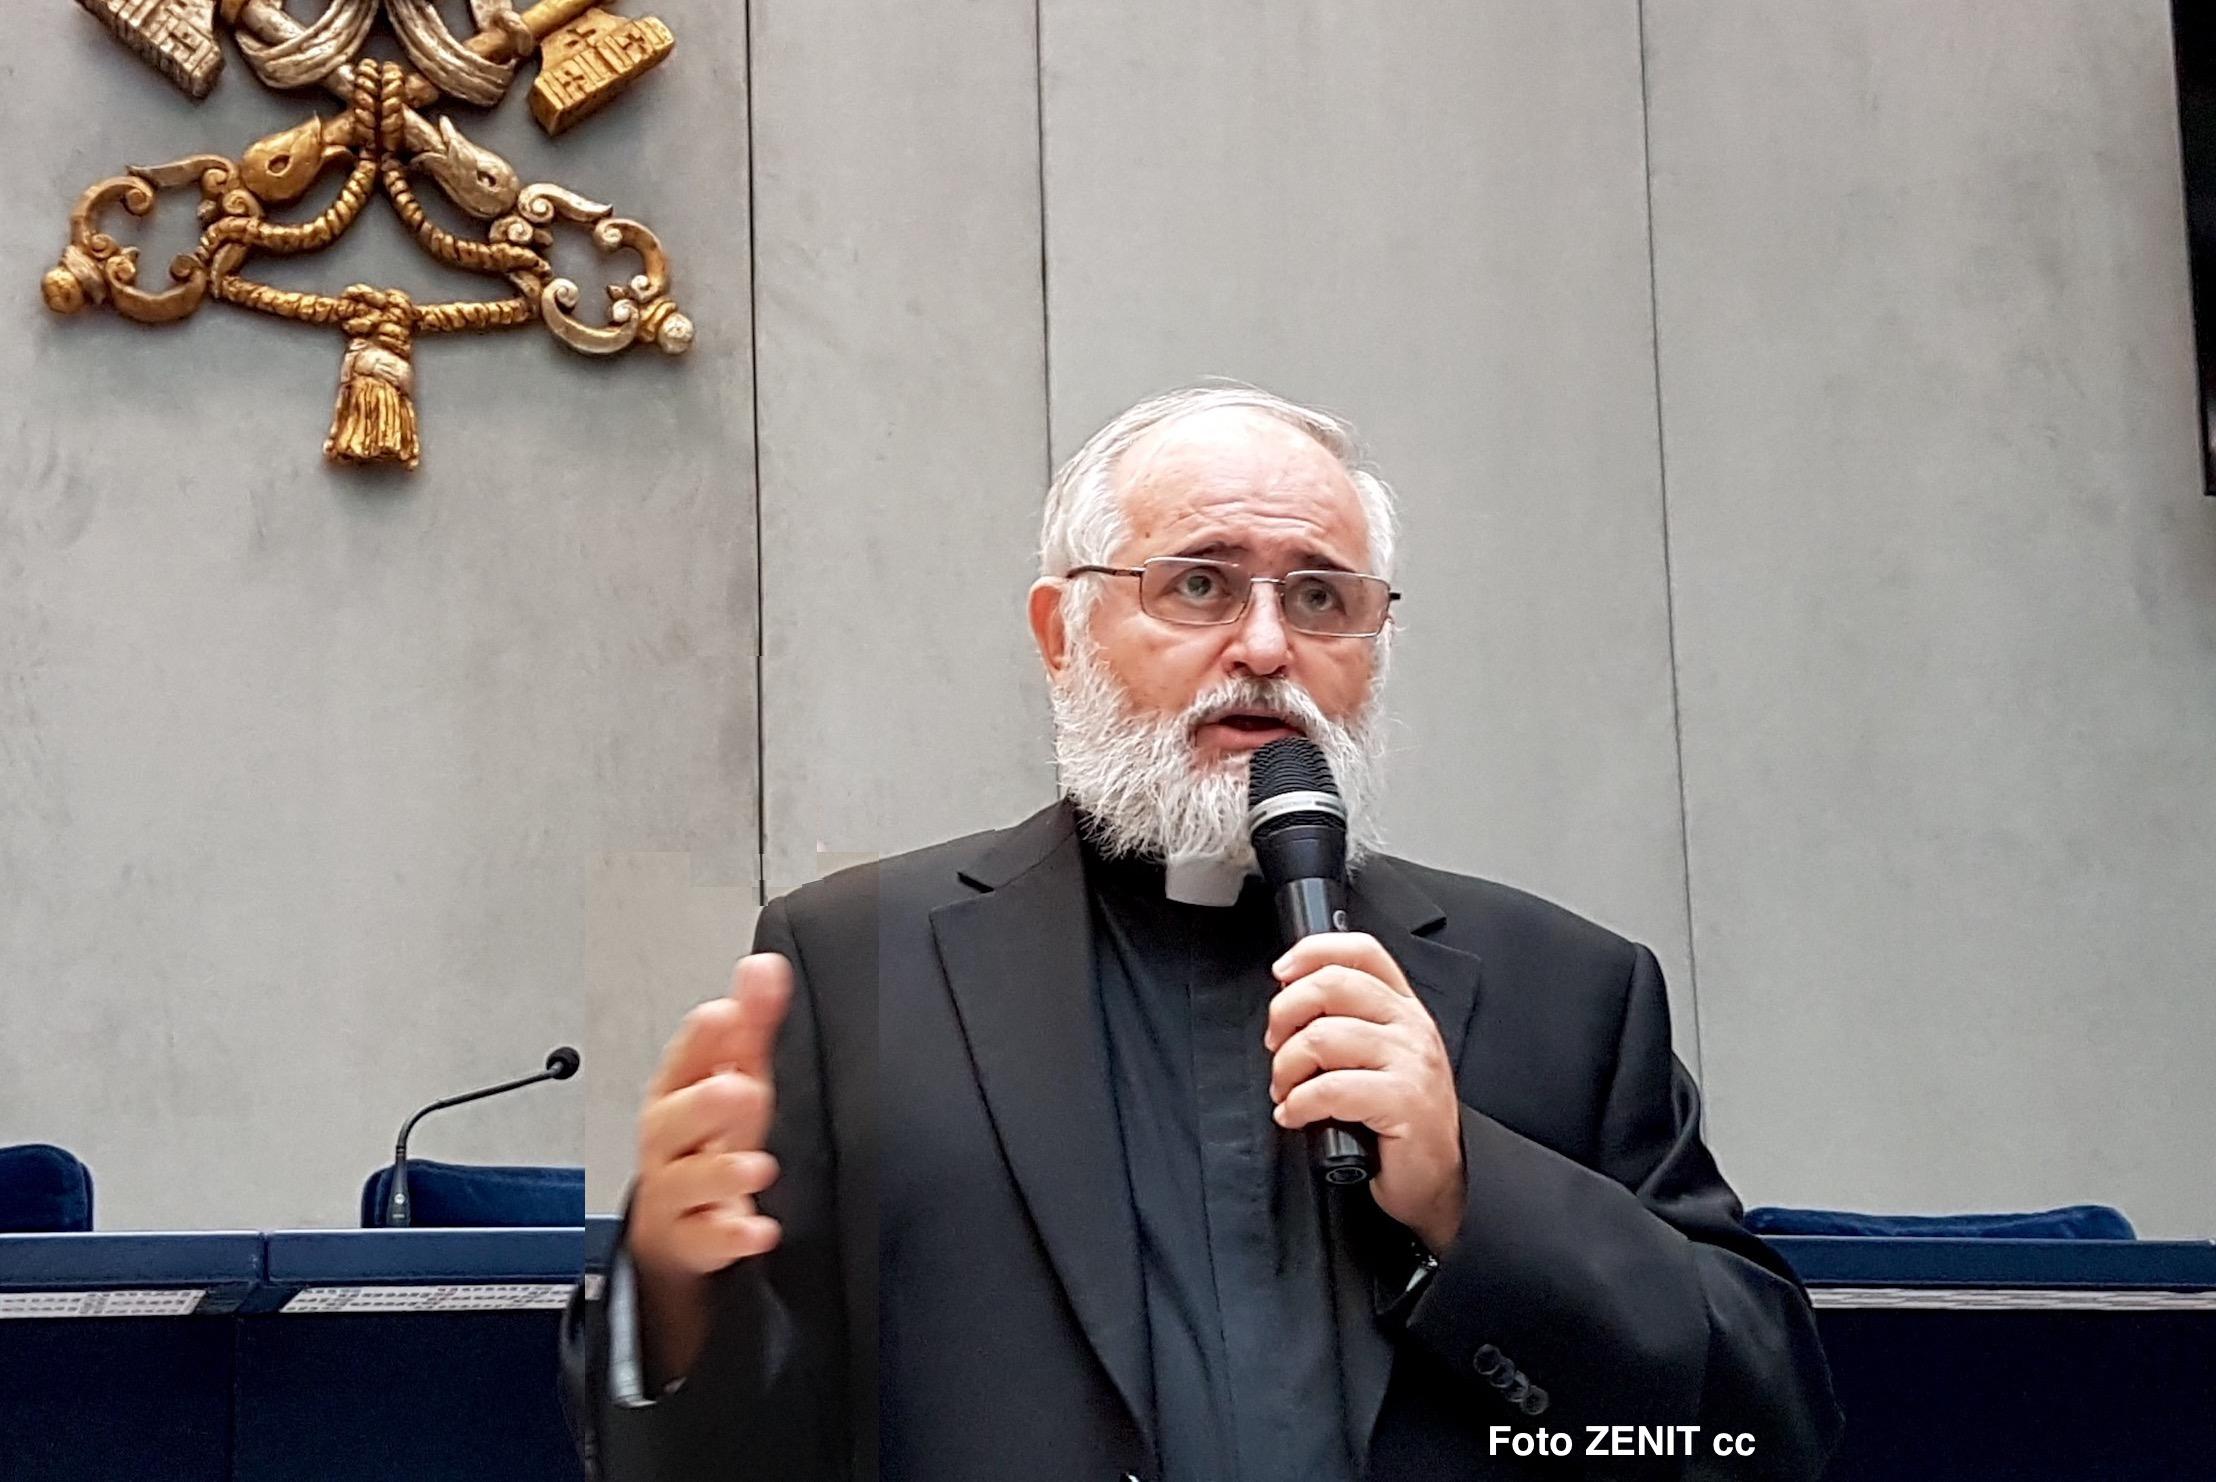 padre Bruno Ciceri, delegado de la Santa Sede para el Apostolado del Mar. (Foto ZENIT cc0)